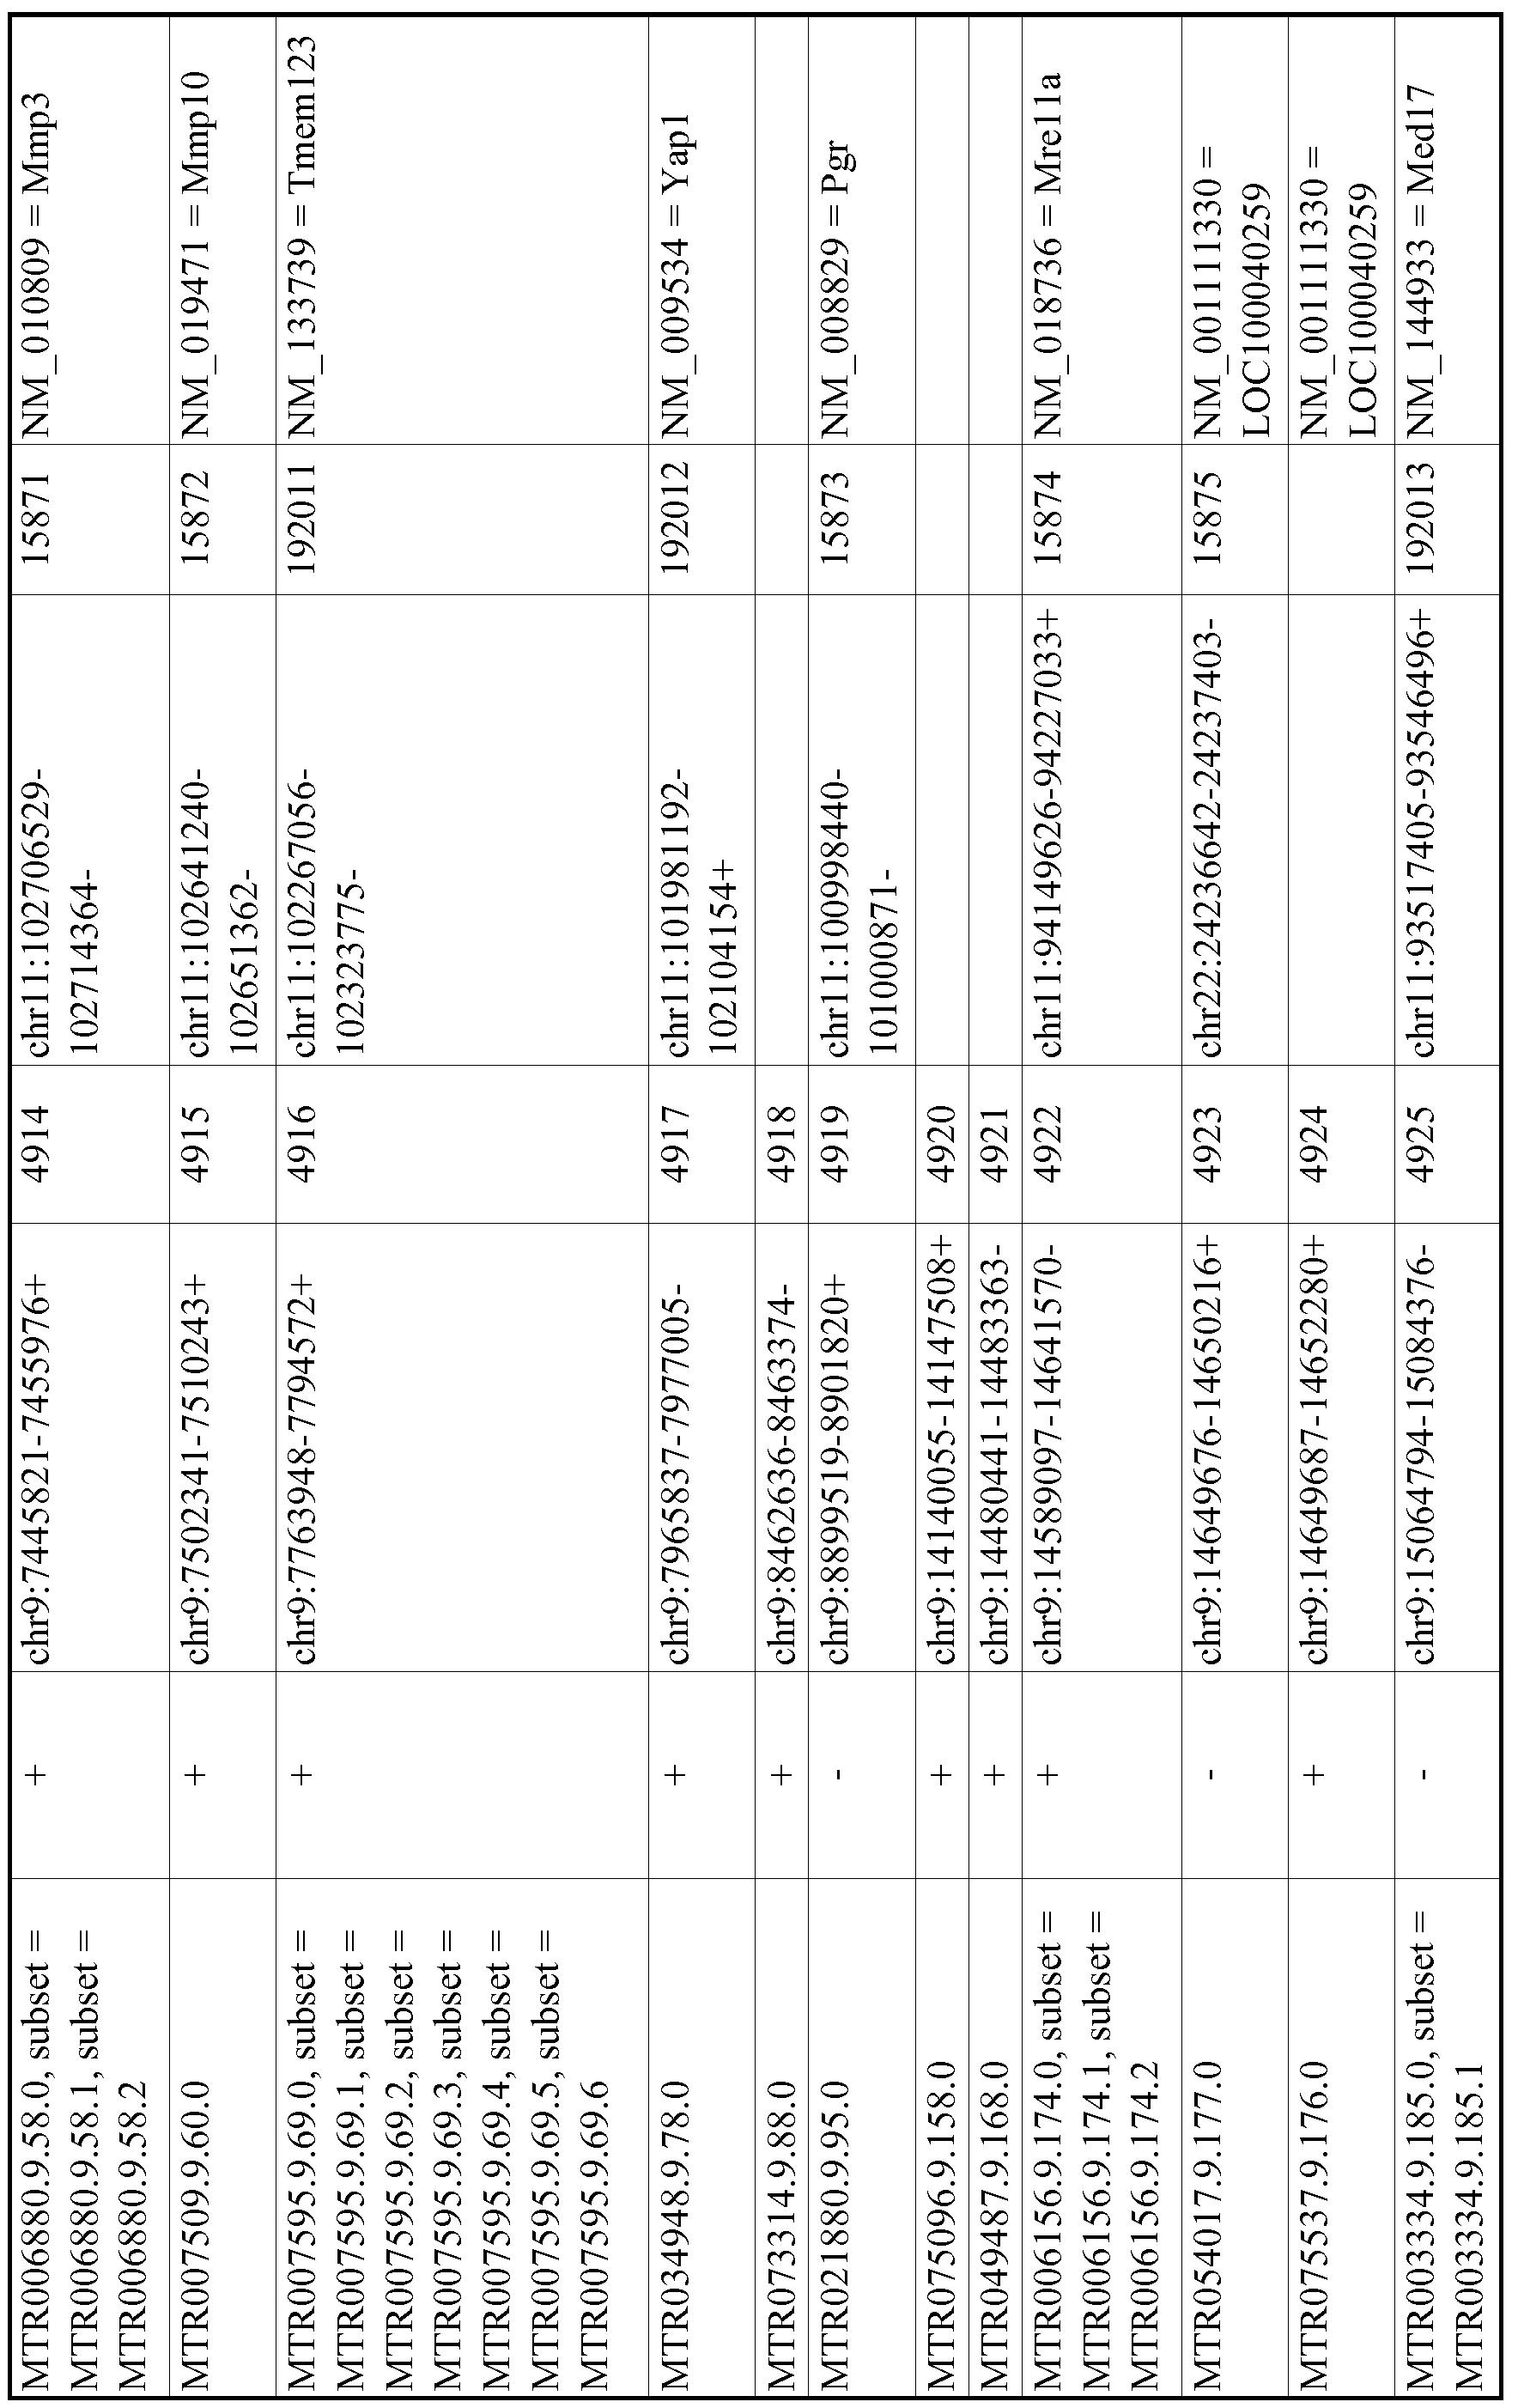 Figure imgf000907_0001